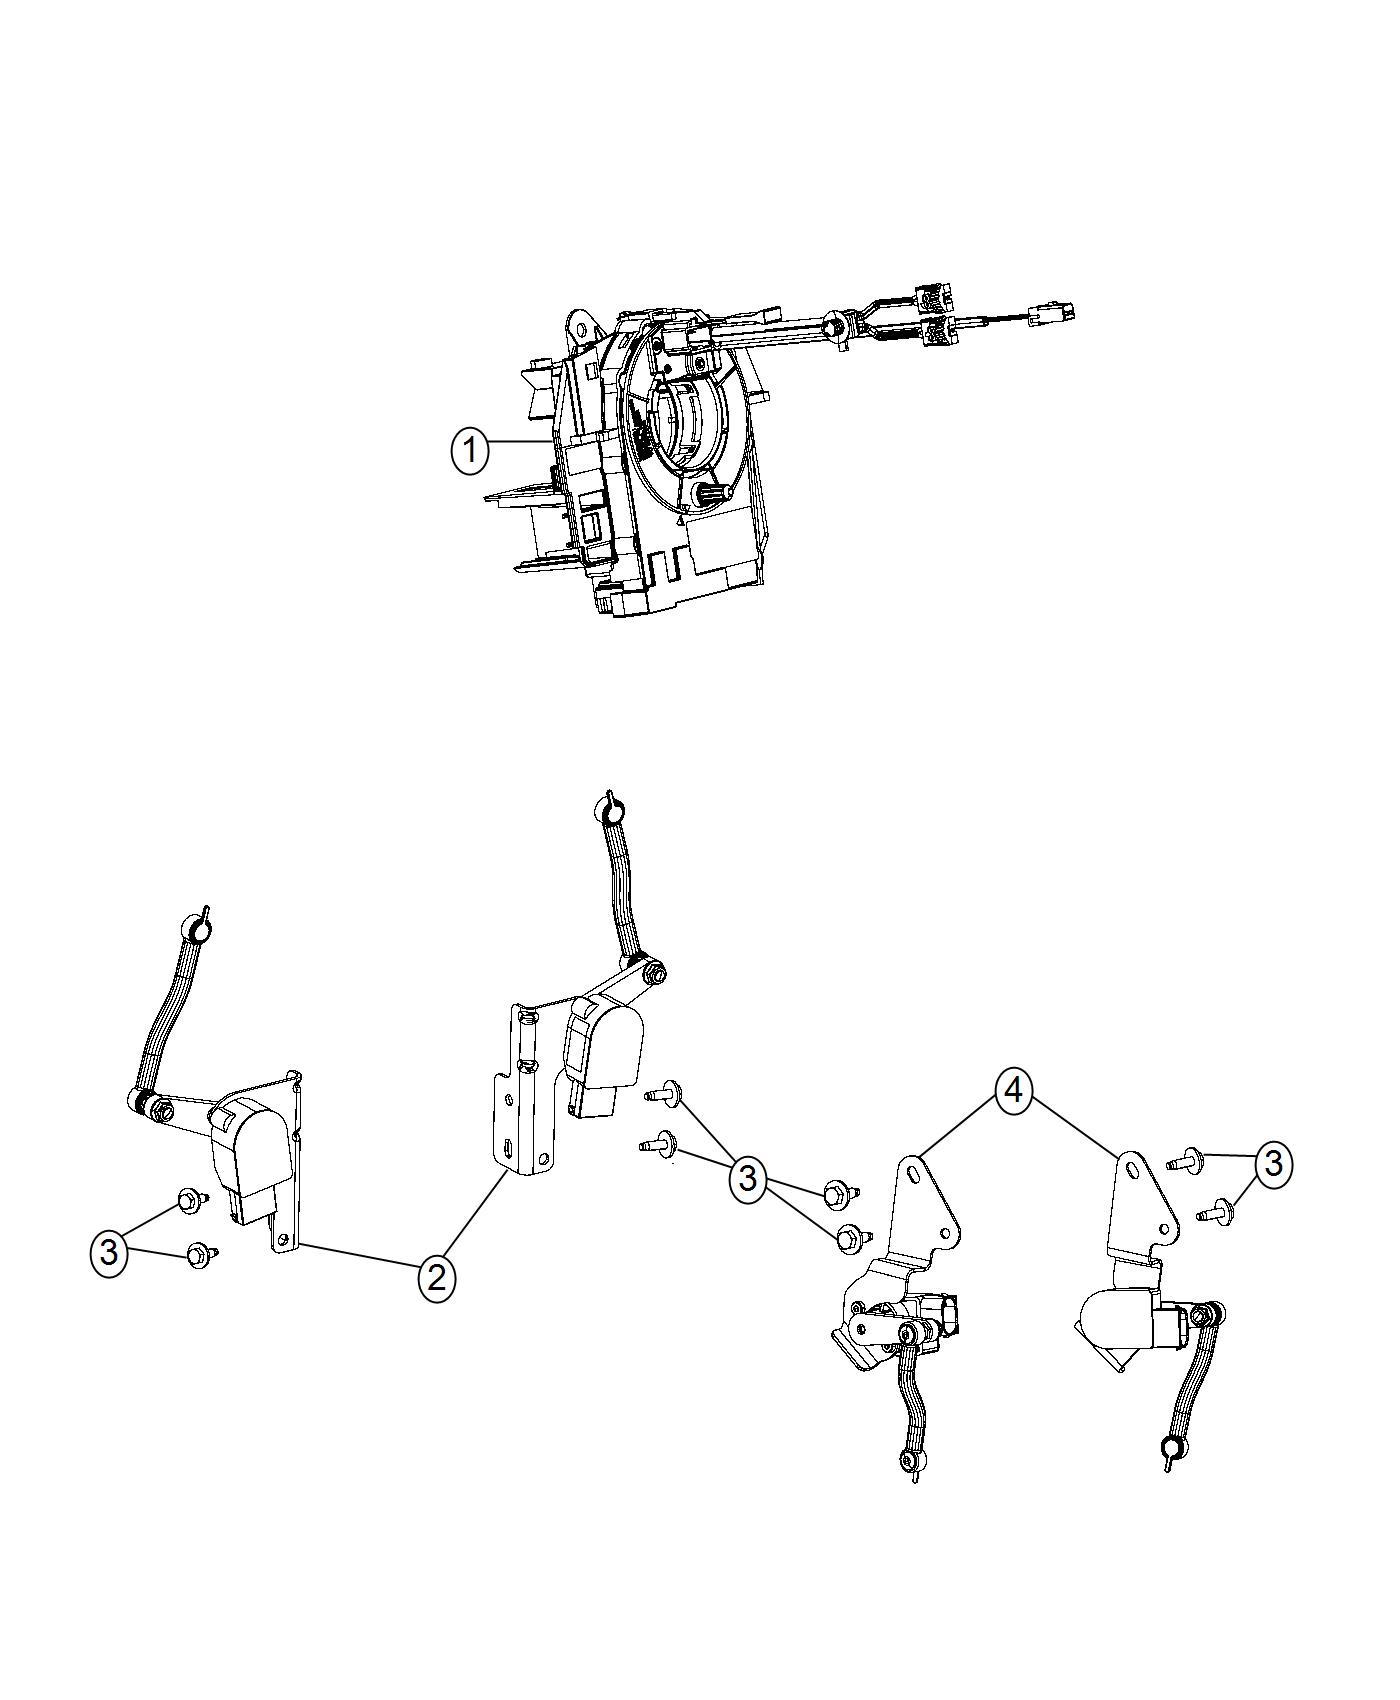 Ram Ball Stud Rear Air Suspension Height Sensor